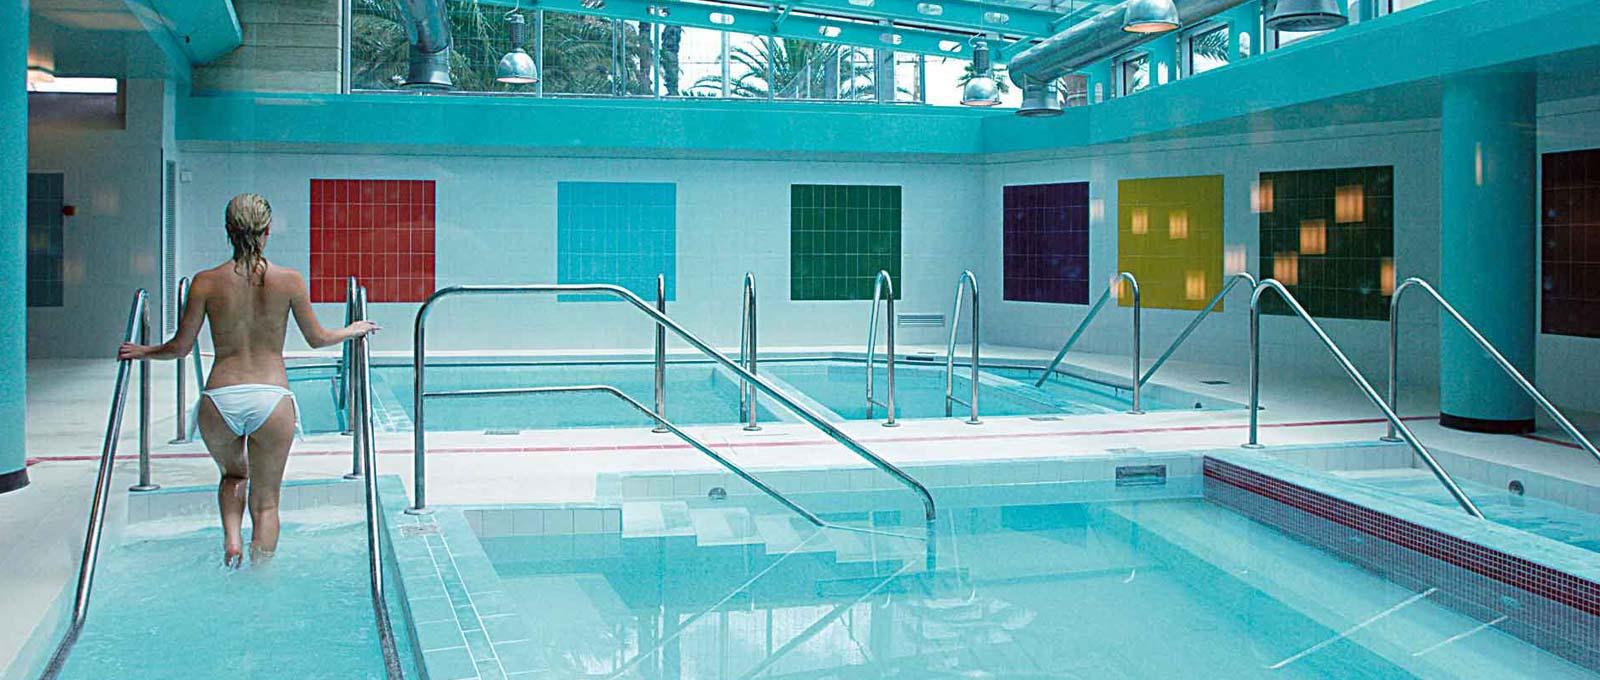 Hotel termale nel lazio con 6000 mq di bagni e piscine di acqua termale victoria terme hotel - Hotel con piscina termale toscana ...